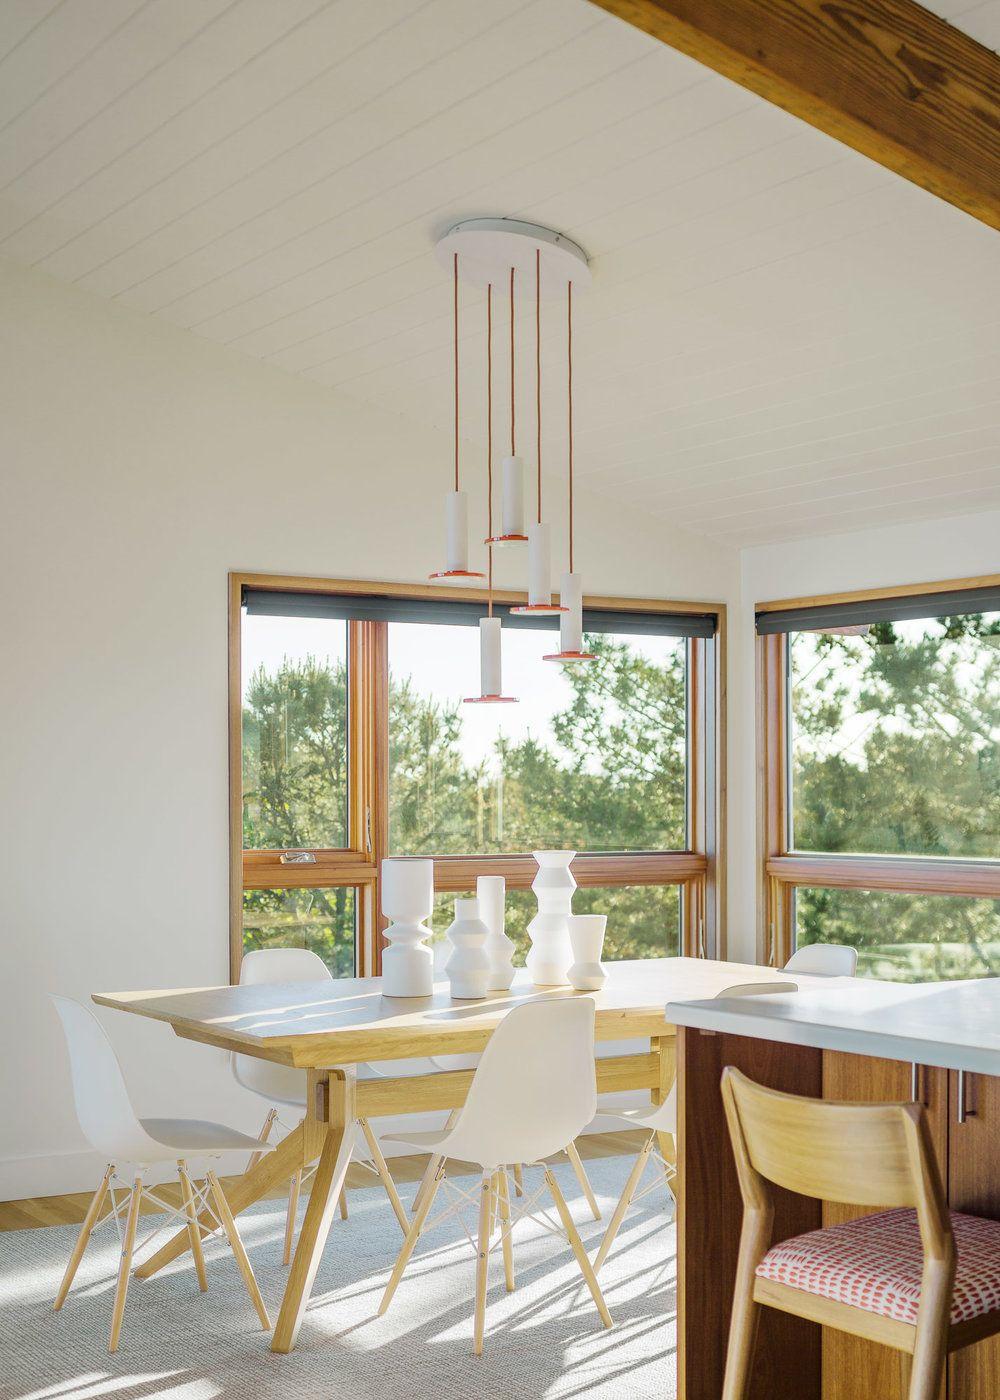 Pe lângă masa insulă din bucătărie există și un loc de luat masa frumos așezat la granița dintre bucătărie și living.